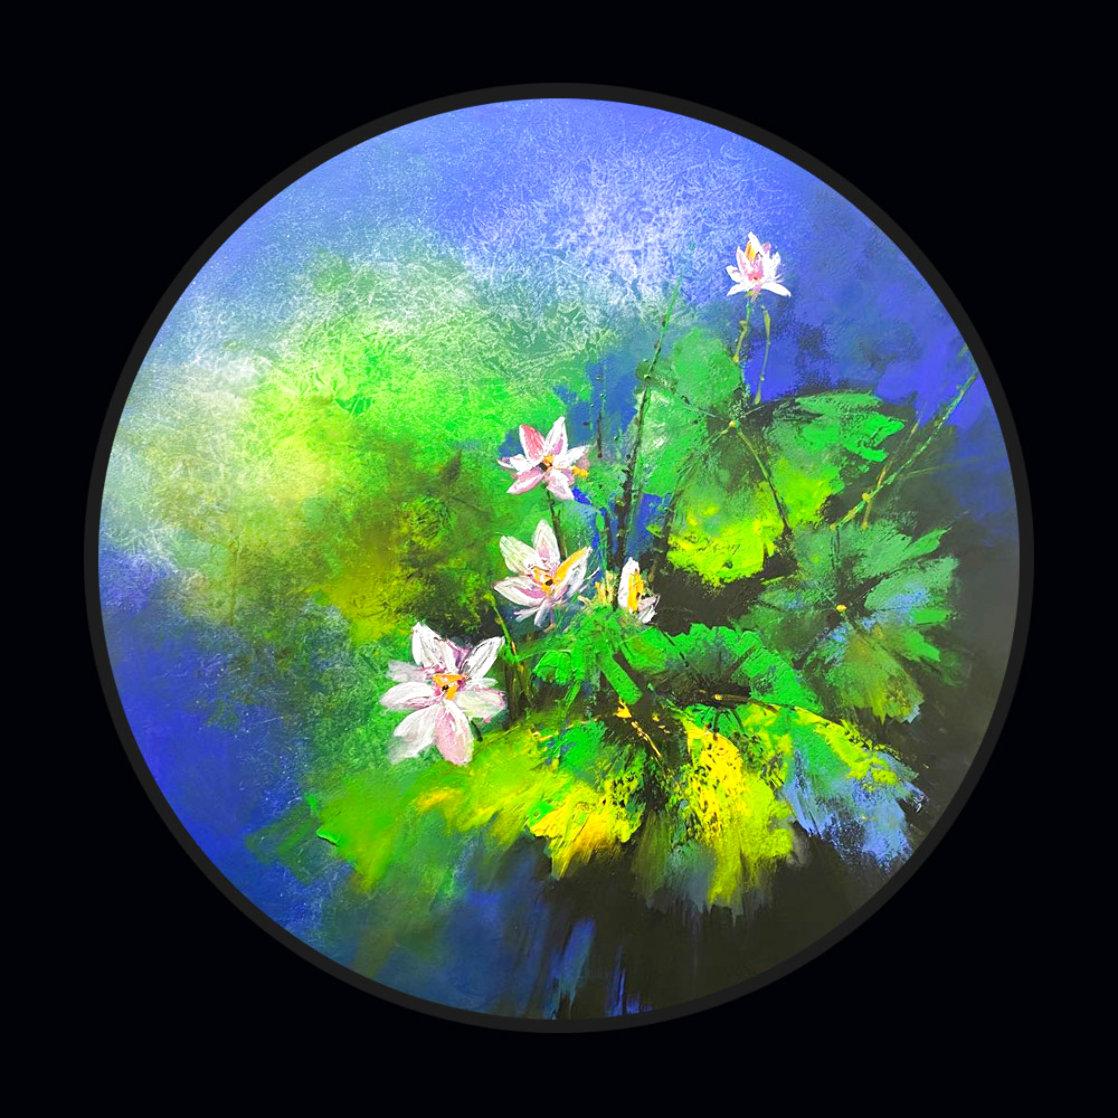 Lotus Pond After Rain 2020 39x39 Original Painting by Thomas Leung